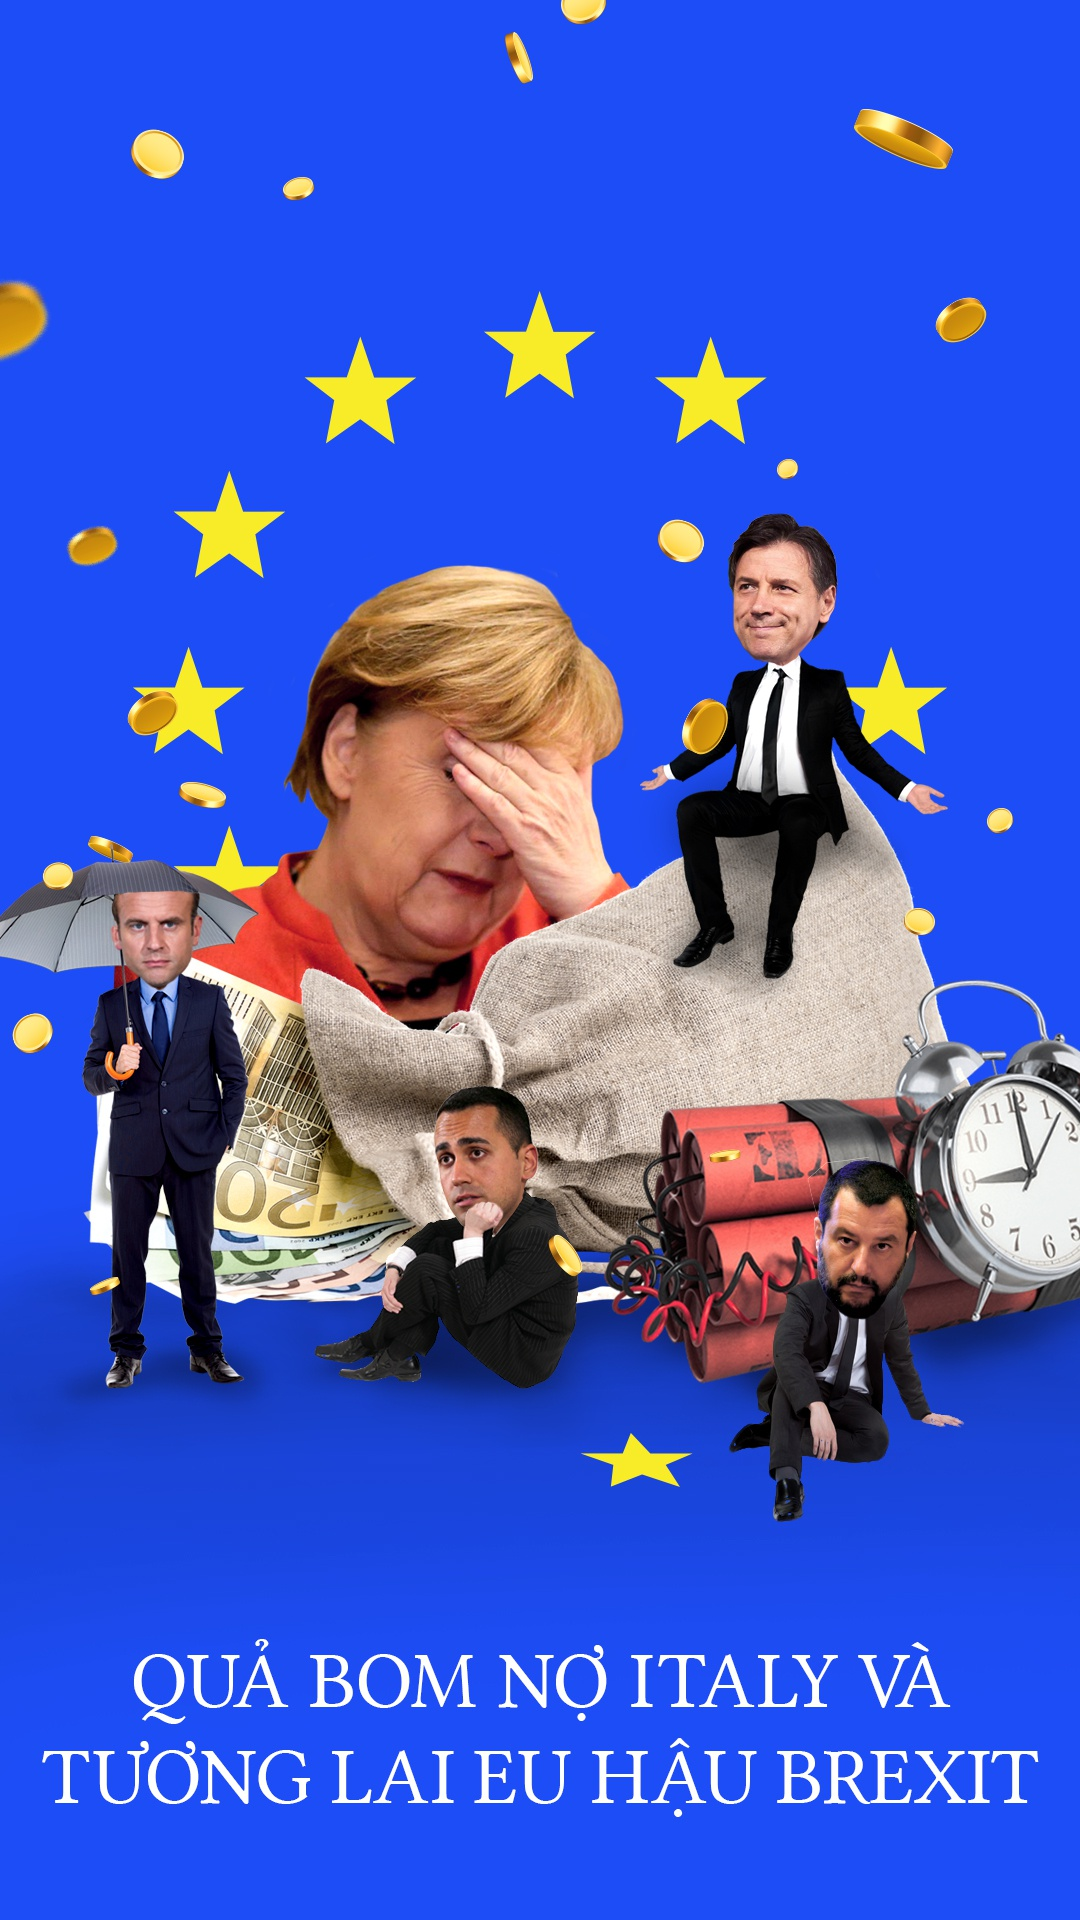 Qua bom no Italy va tuong lai EU hau Brexit hinh anh 1